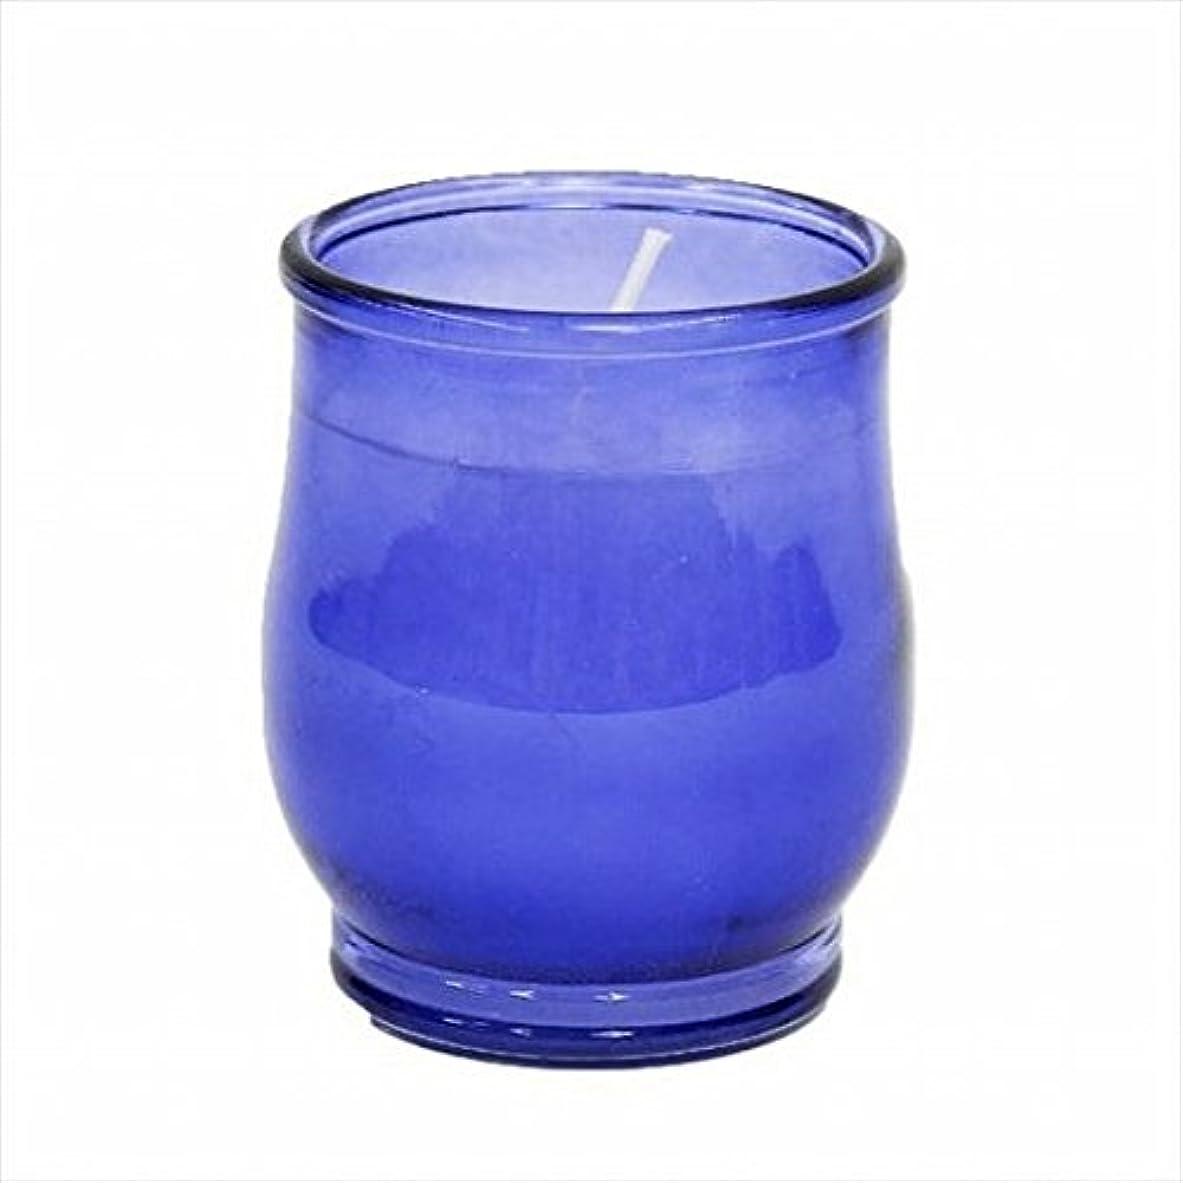 隠す弱める不運kameyama candle(カメヤマキャンドル) ポシェ(非常用コップローソク) 「 ブルー(ライトカラー) 」 キャンドル 68x68x80mm (73020030B)